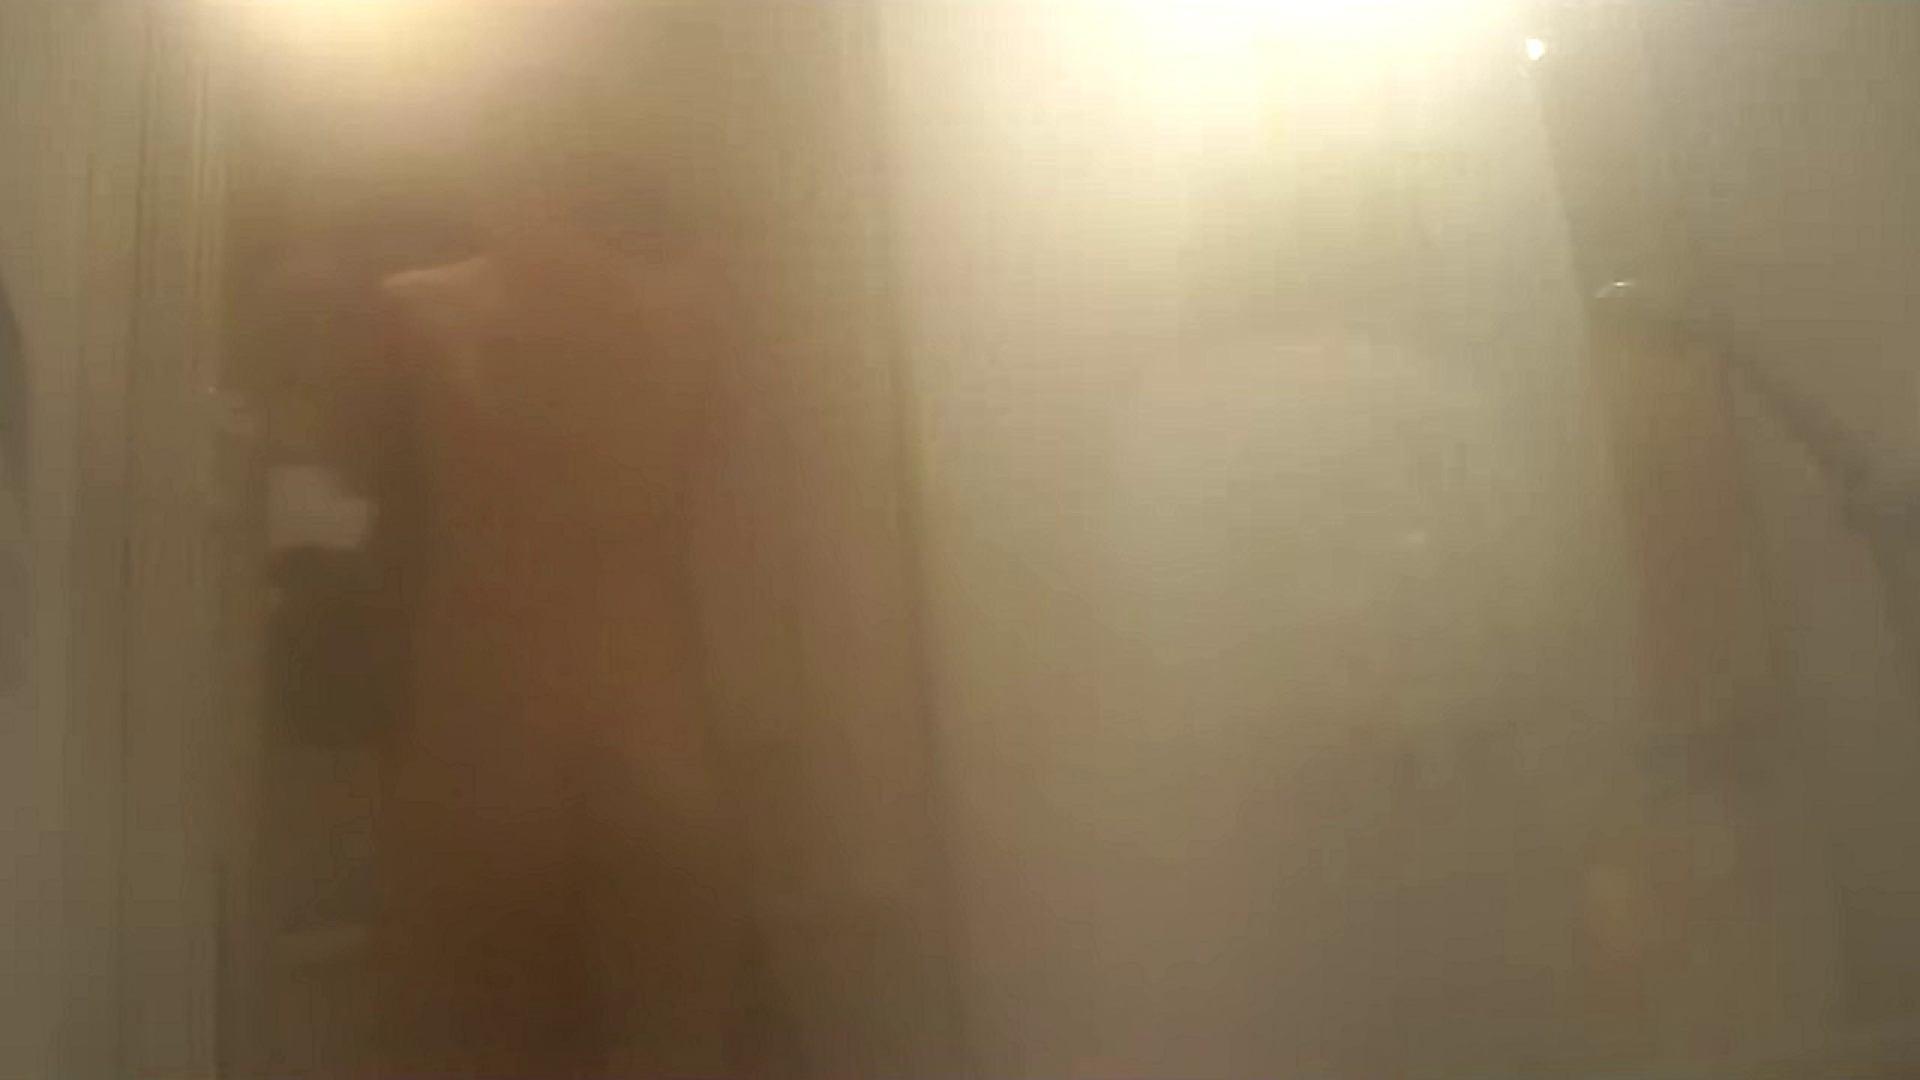 vol.1 よく成長し女性らしい体付きになりましたね シャワー室 AV無料 84枚 79